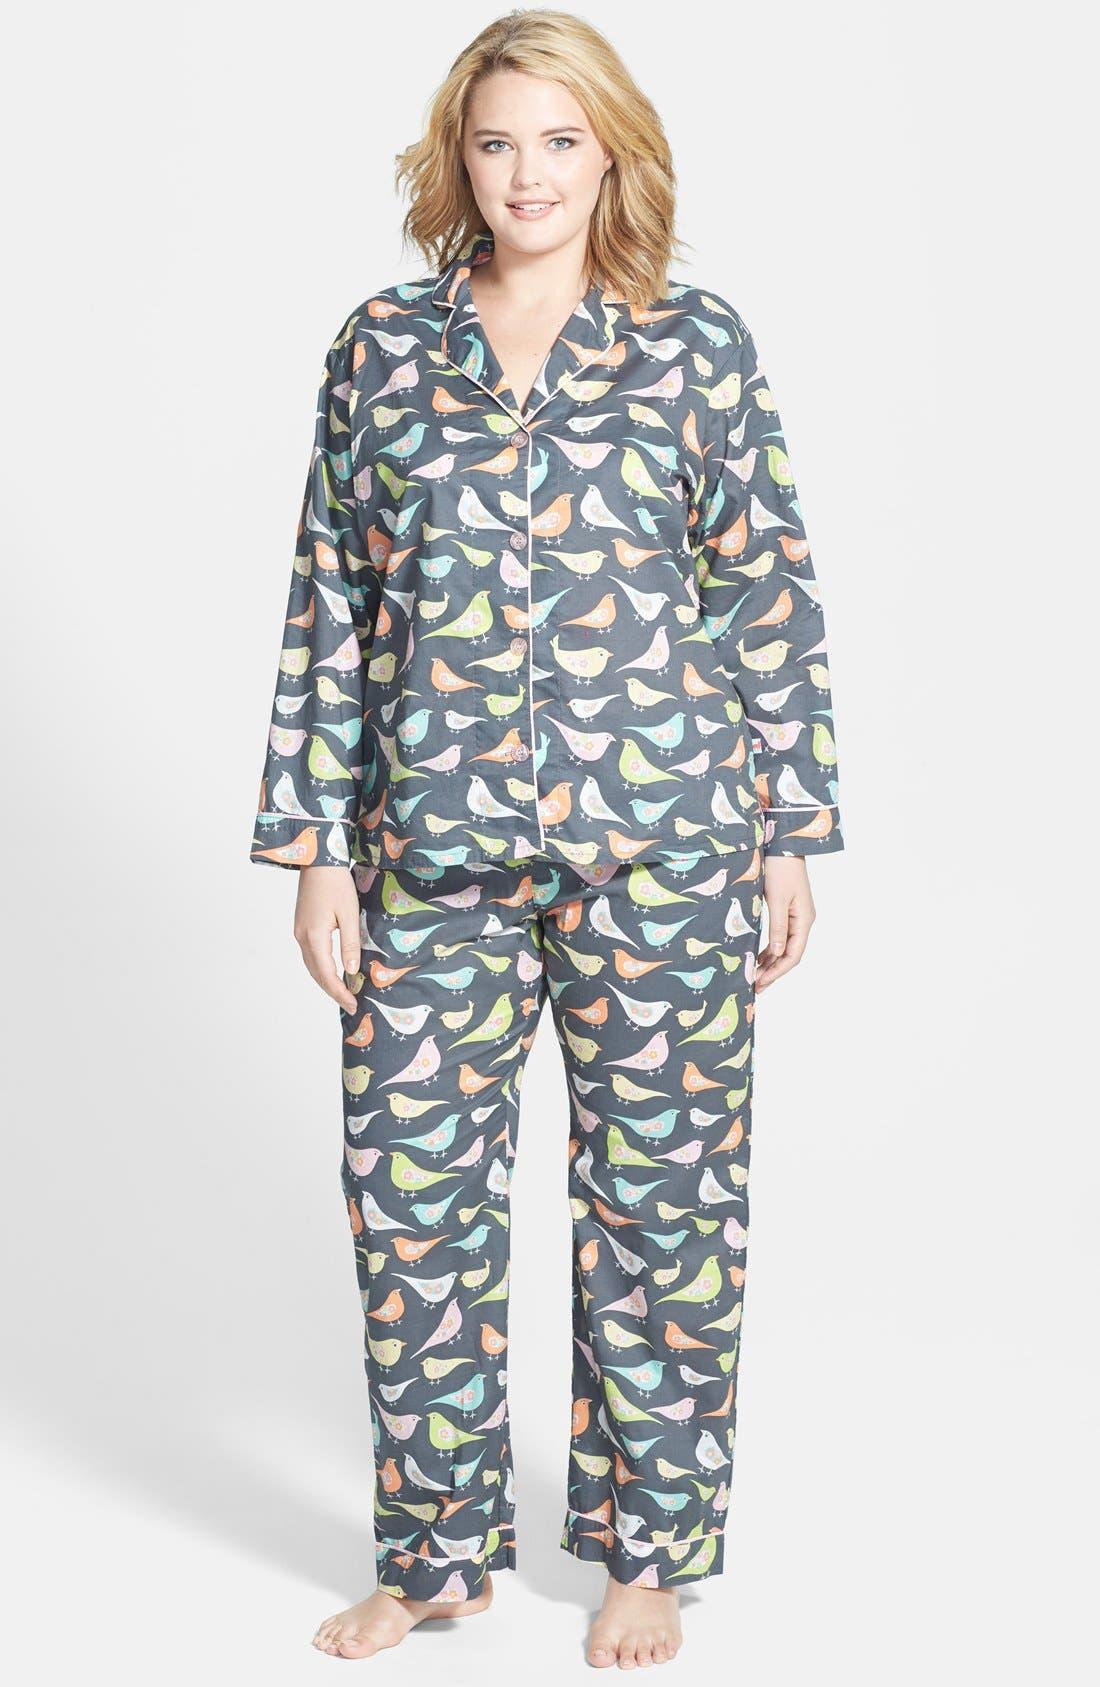 Main Image - PJ Salvage 'Playful Prints' Cotton Voile Pajamas (Plus Size)